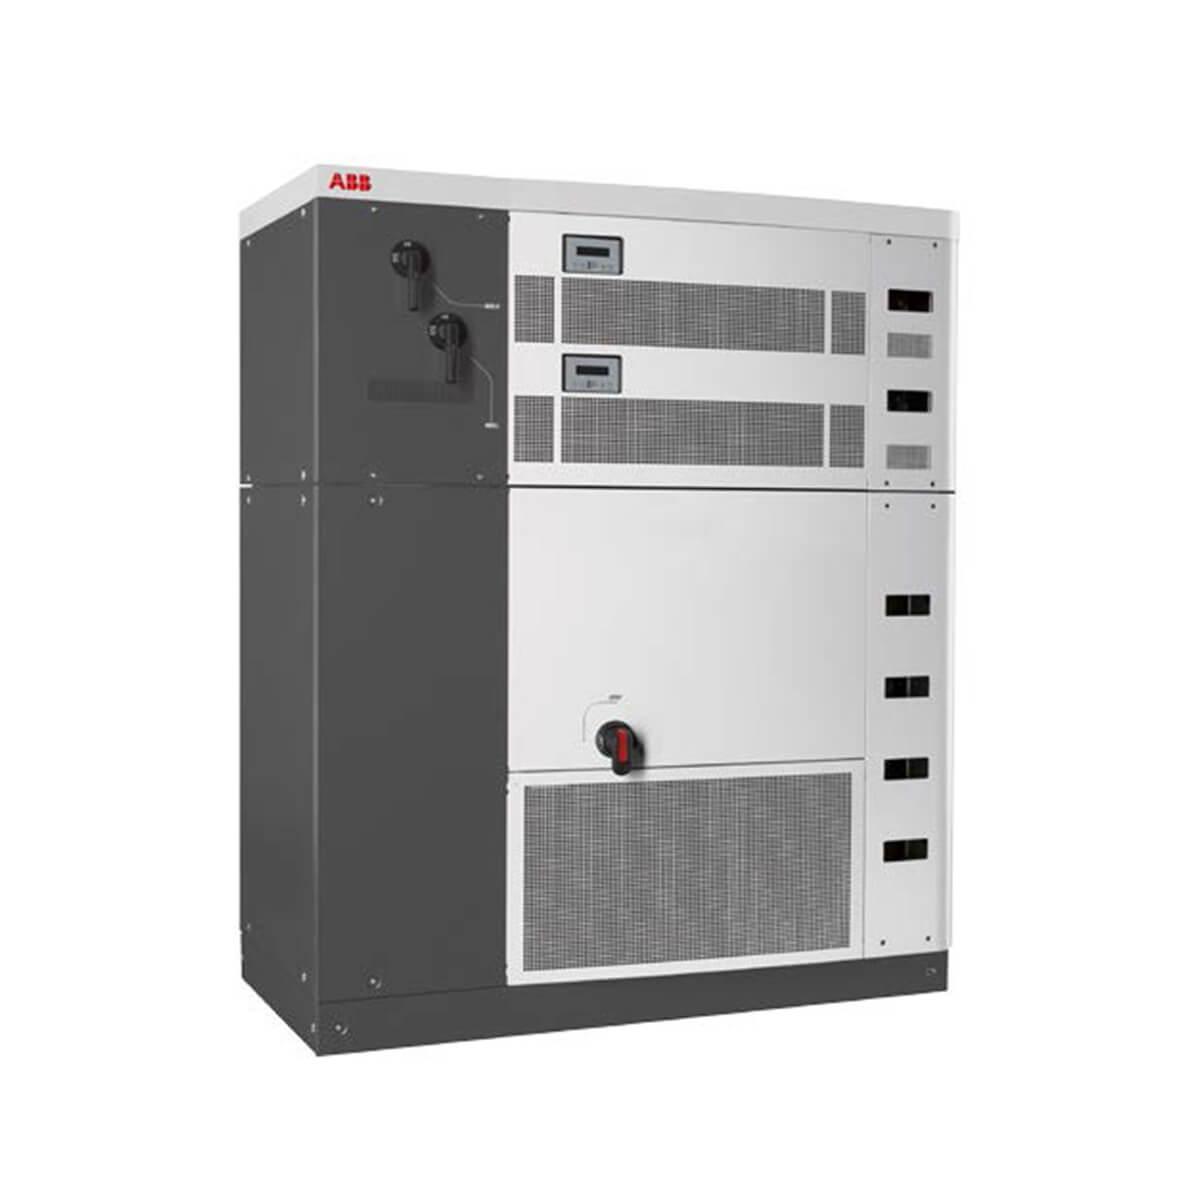 abb fimer 55kW inverter, abb fimer pvi 55kW inverter, abb fimer pvi-55-tl inverter, abb fimer pvi-55-tl, abb fimer pvi 55 kW, ABB FIMER 55 KW